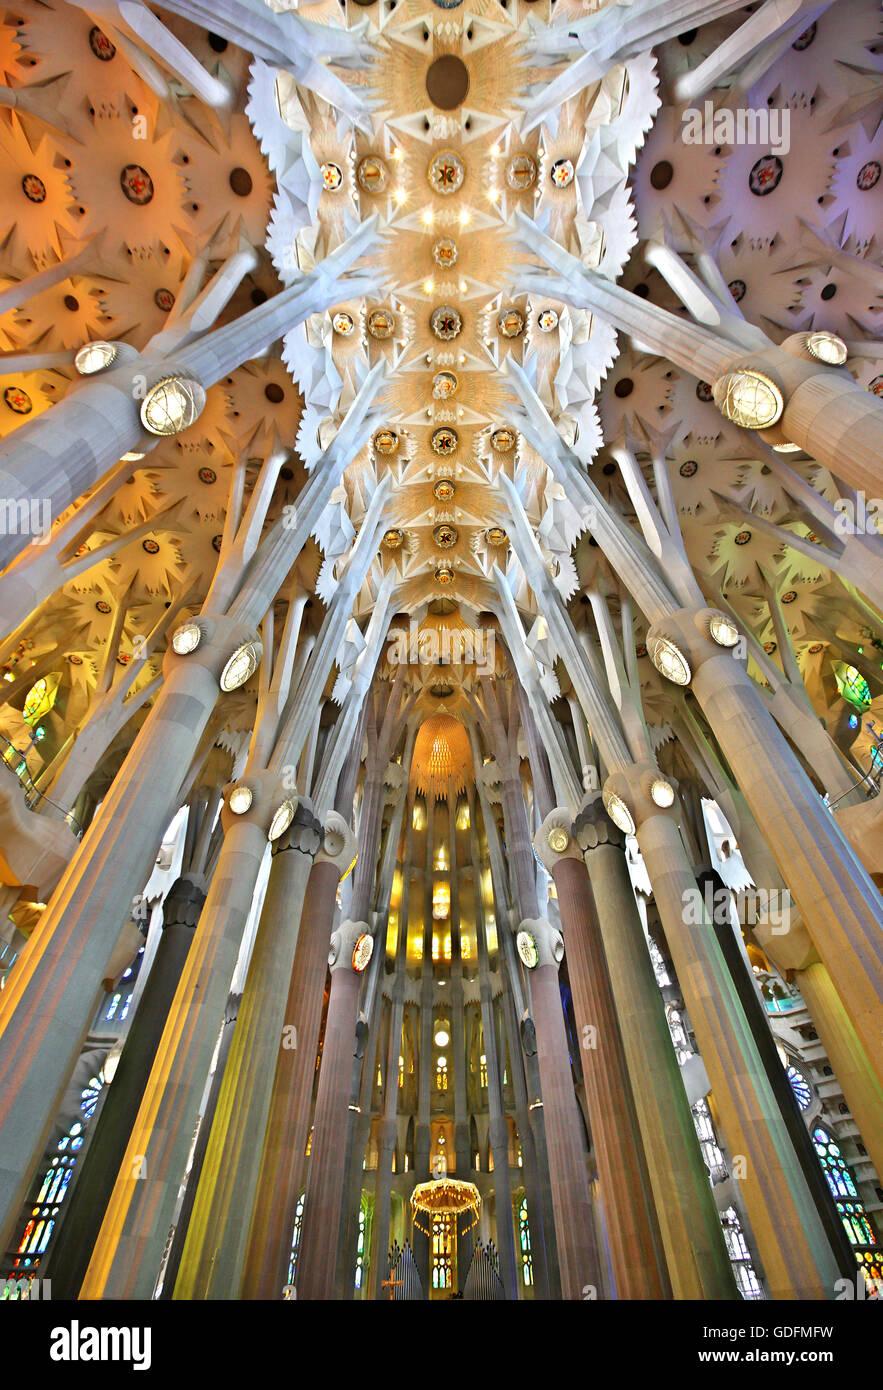 """Im Inneren der Sagrada Familia, das Meisterwerk des Architekten Antoni Gaudí und """"Markenzeichen"""" Stockbild"""